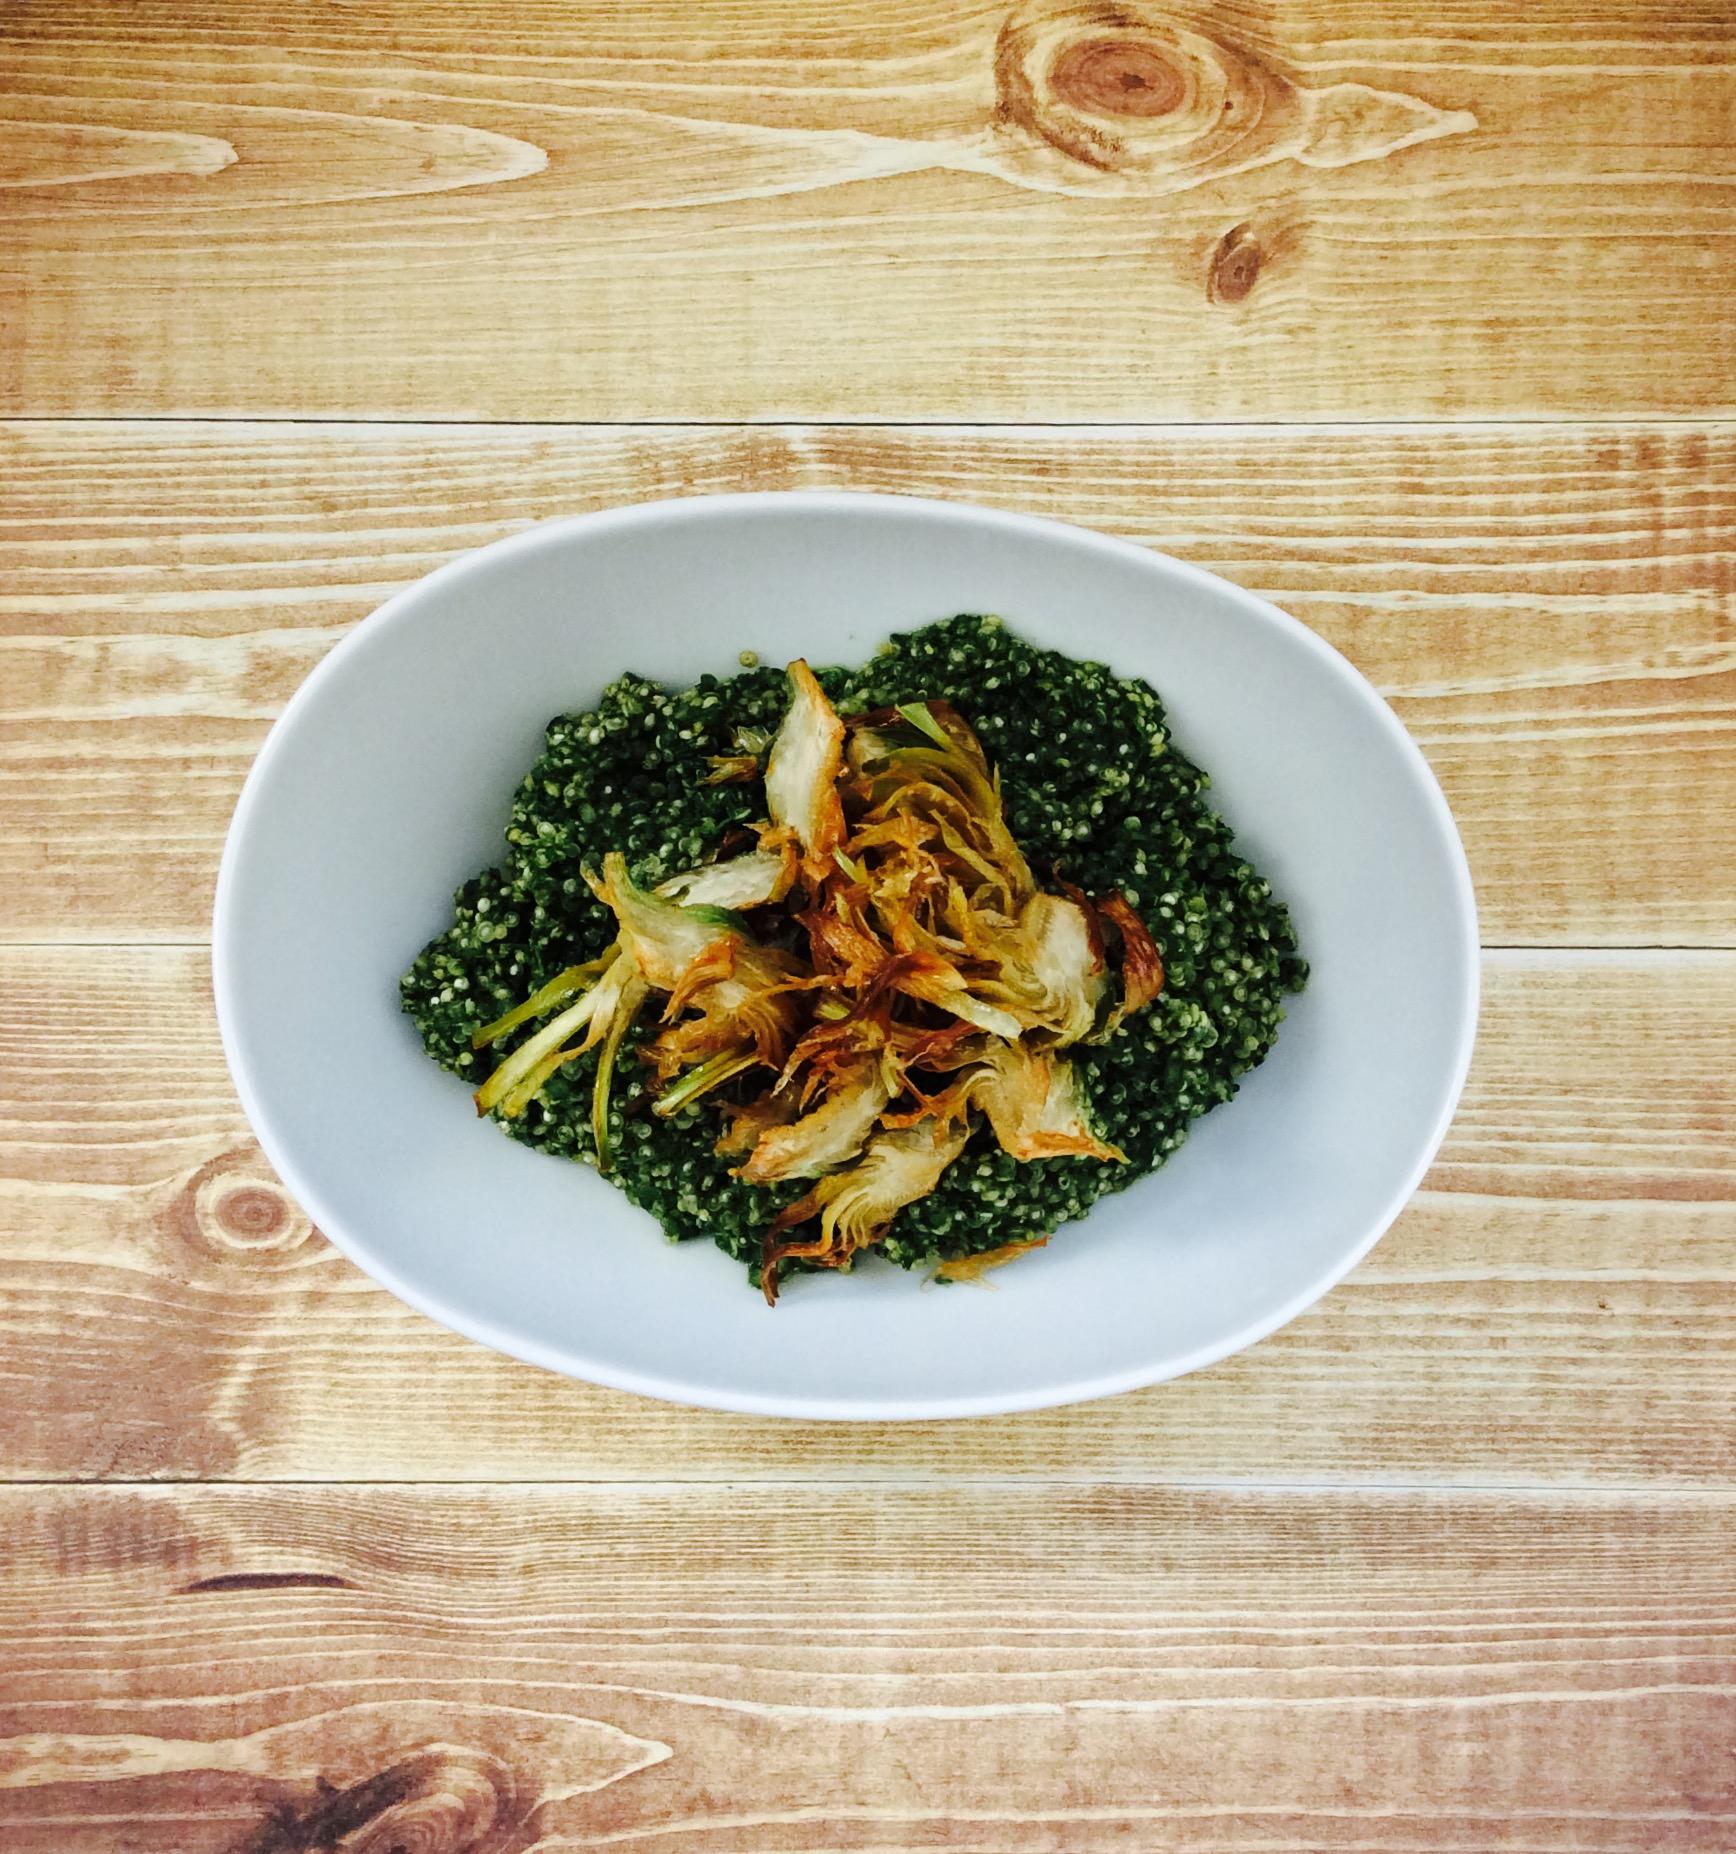 receta-quinoa-espinaca-gorgonzola-alcachofa-ido